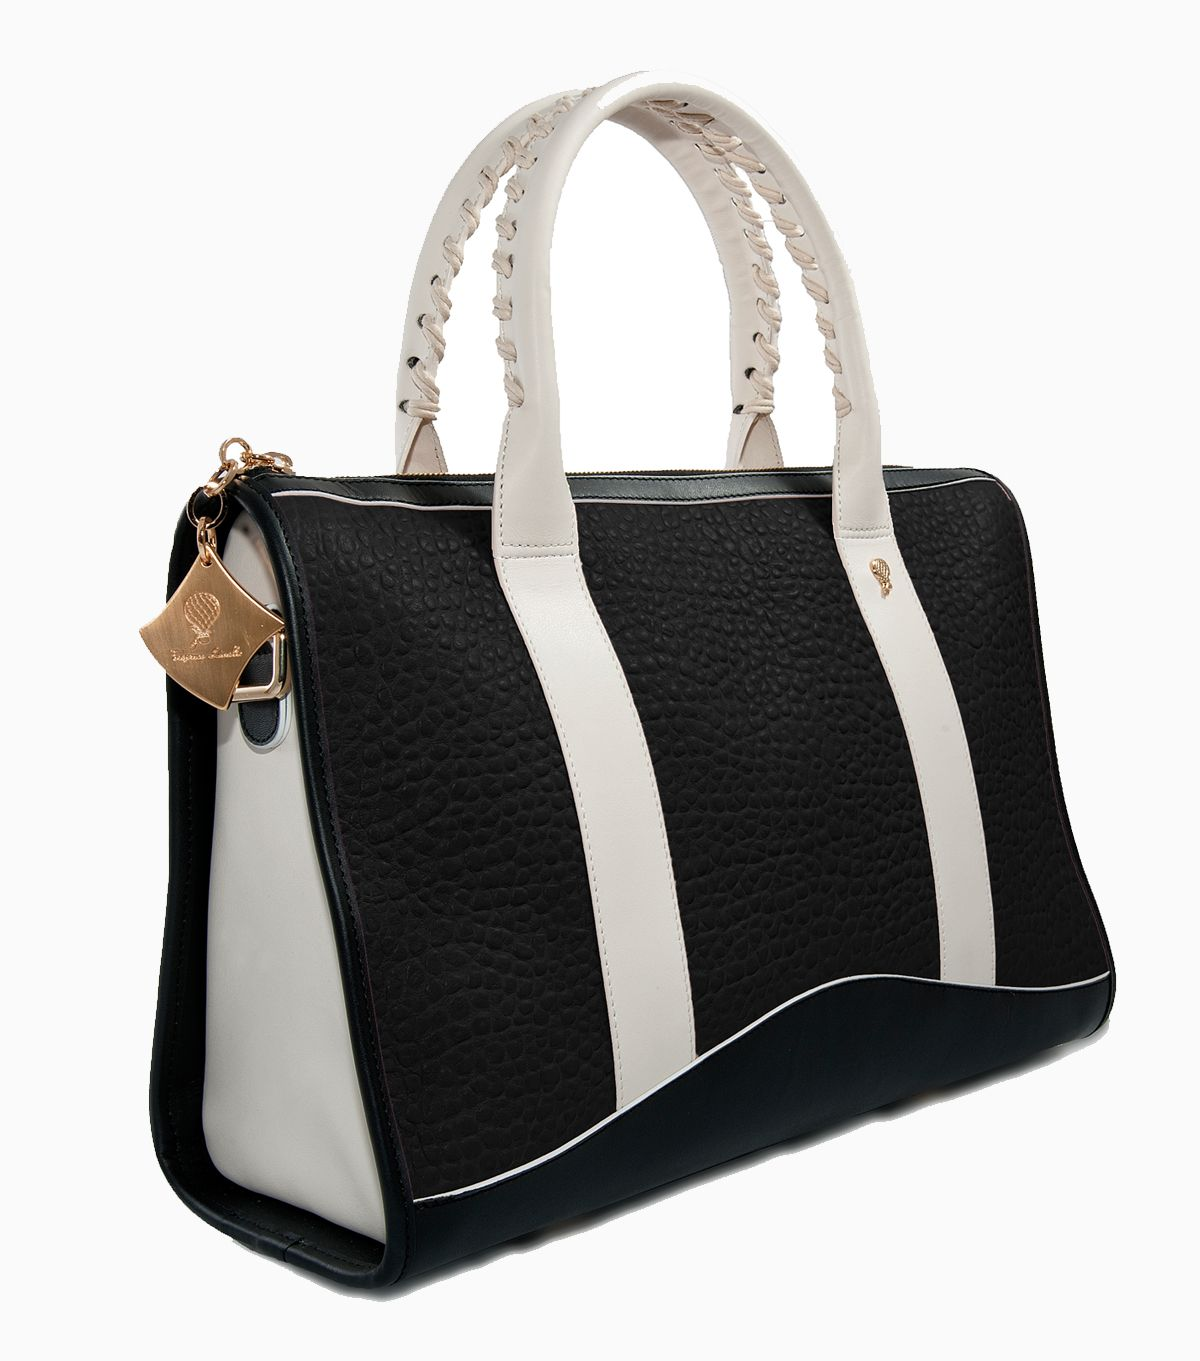 Jade Shopper  Black     www.federicalunello.com #federicalunello #bag #handmade #madeinitaly #accessories